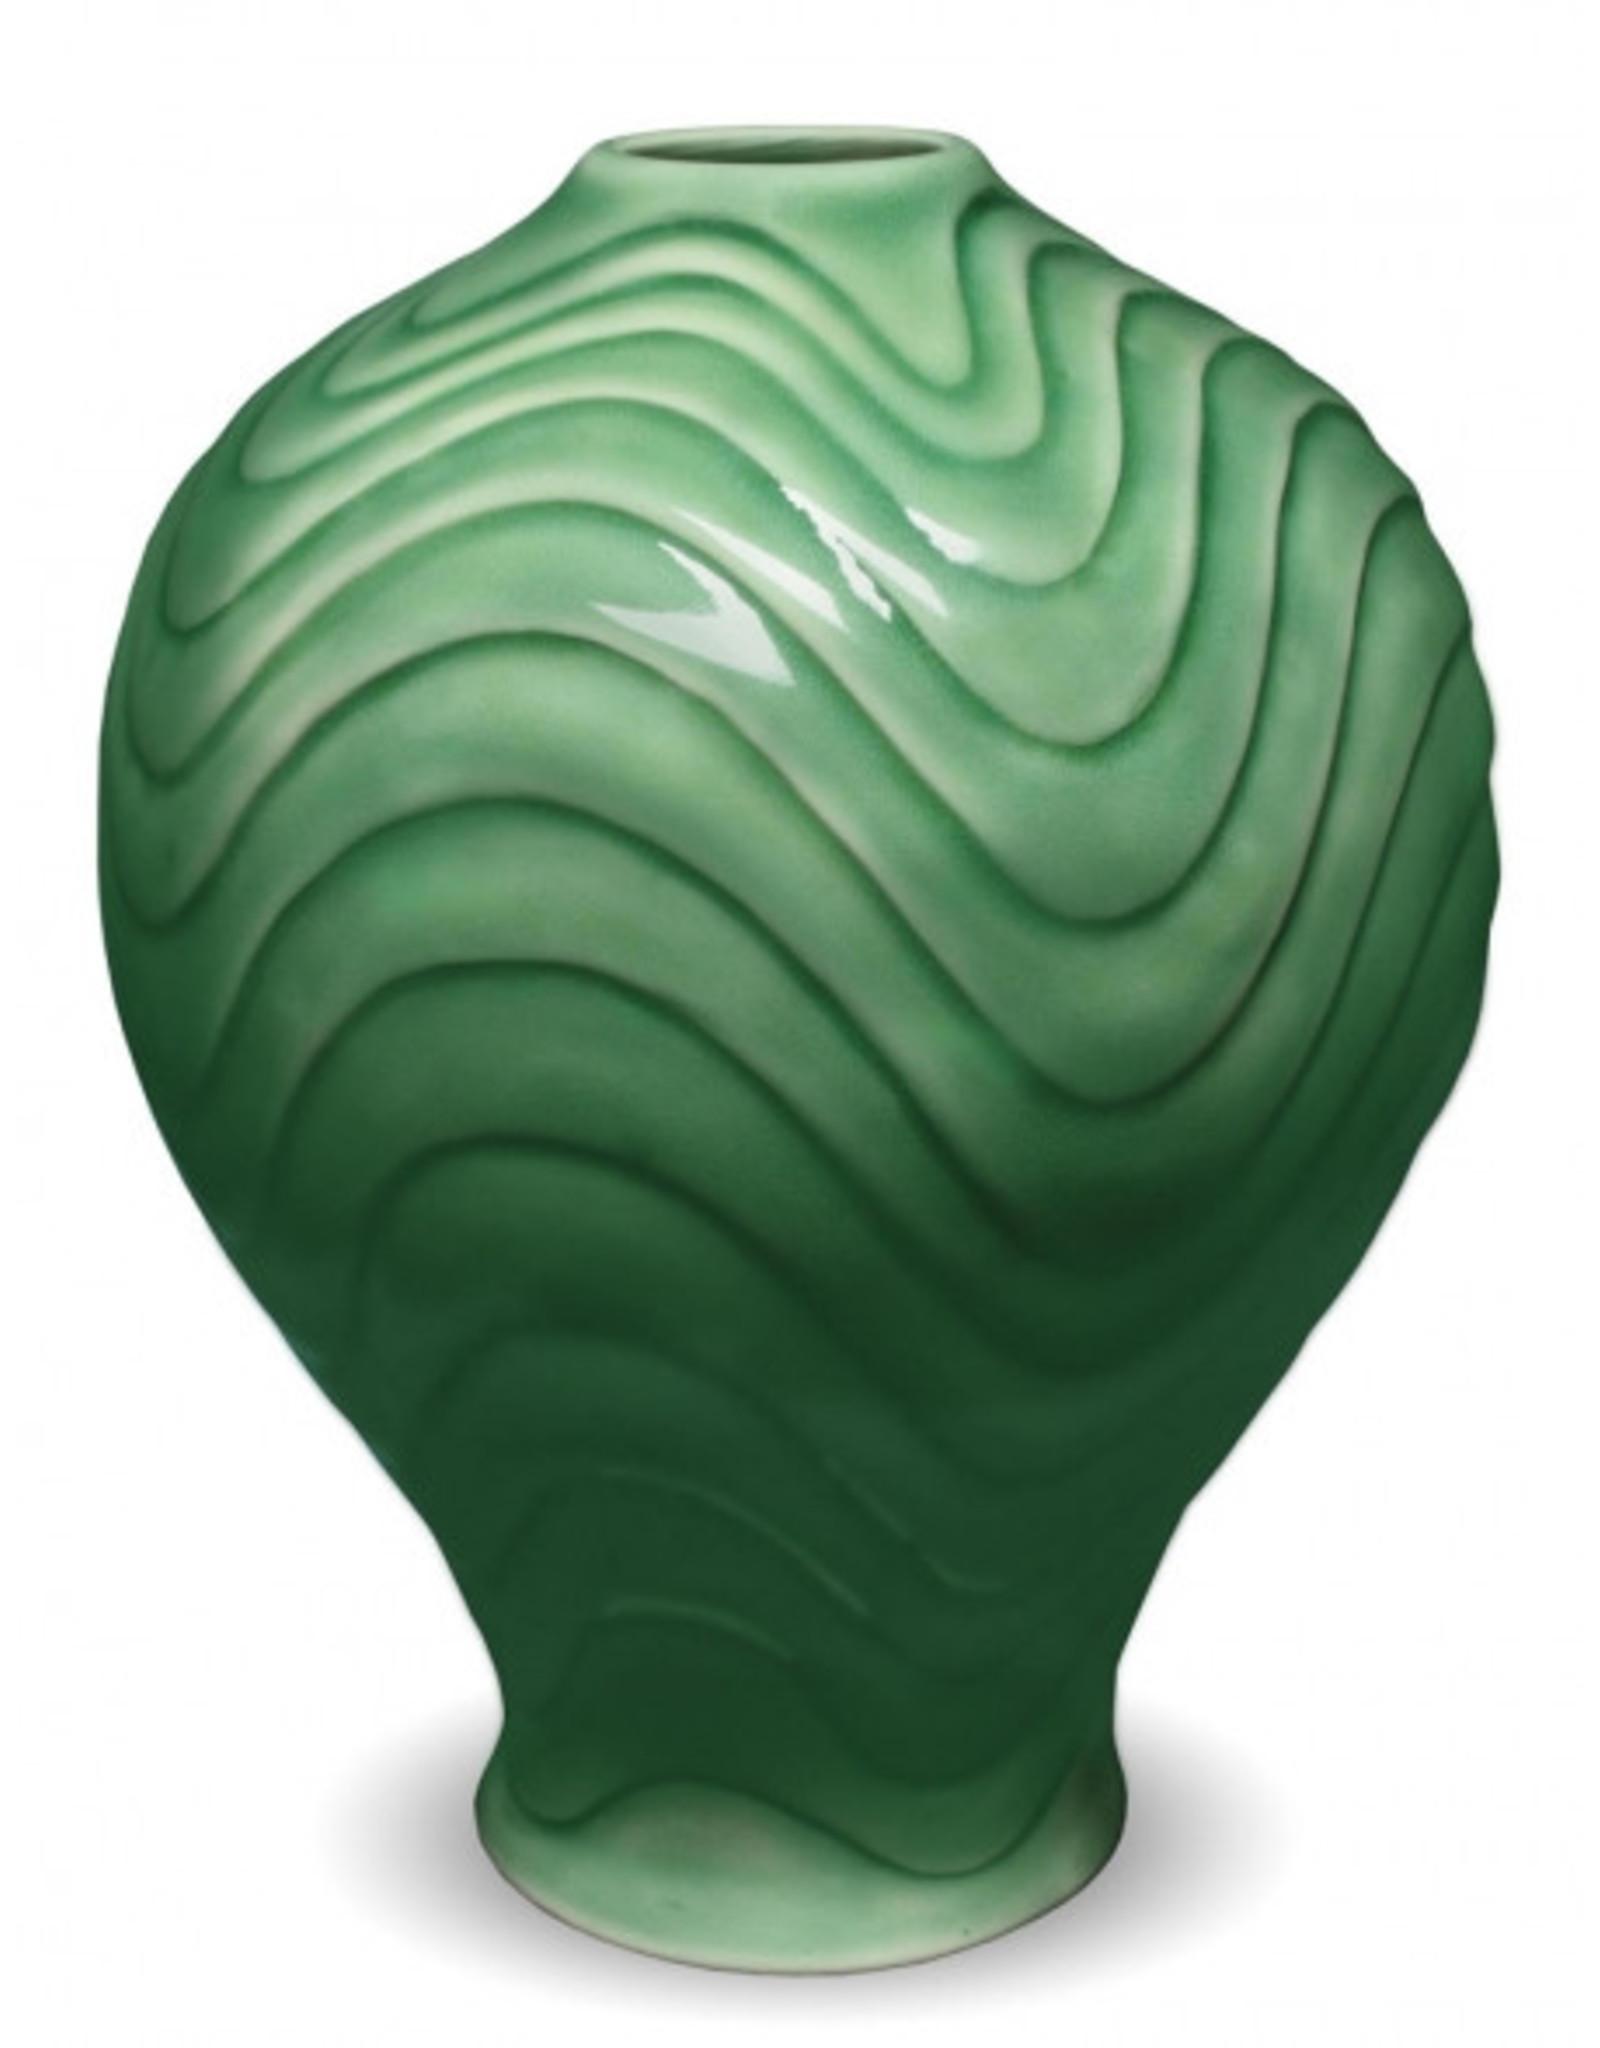 Amaco Amaco Celadon Jade 1200˚C- 1240˚C 473ml